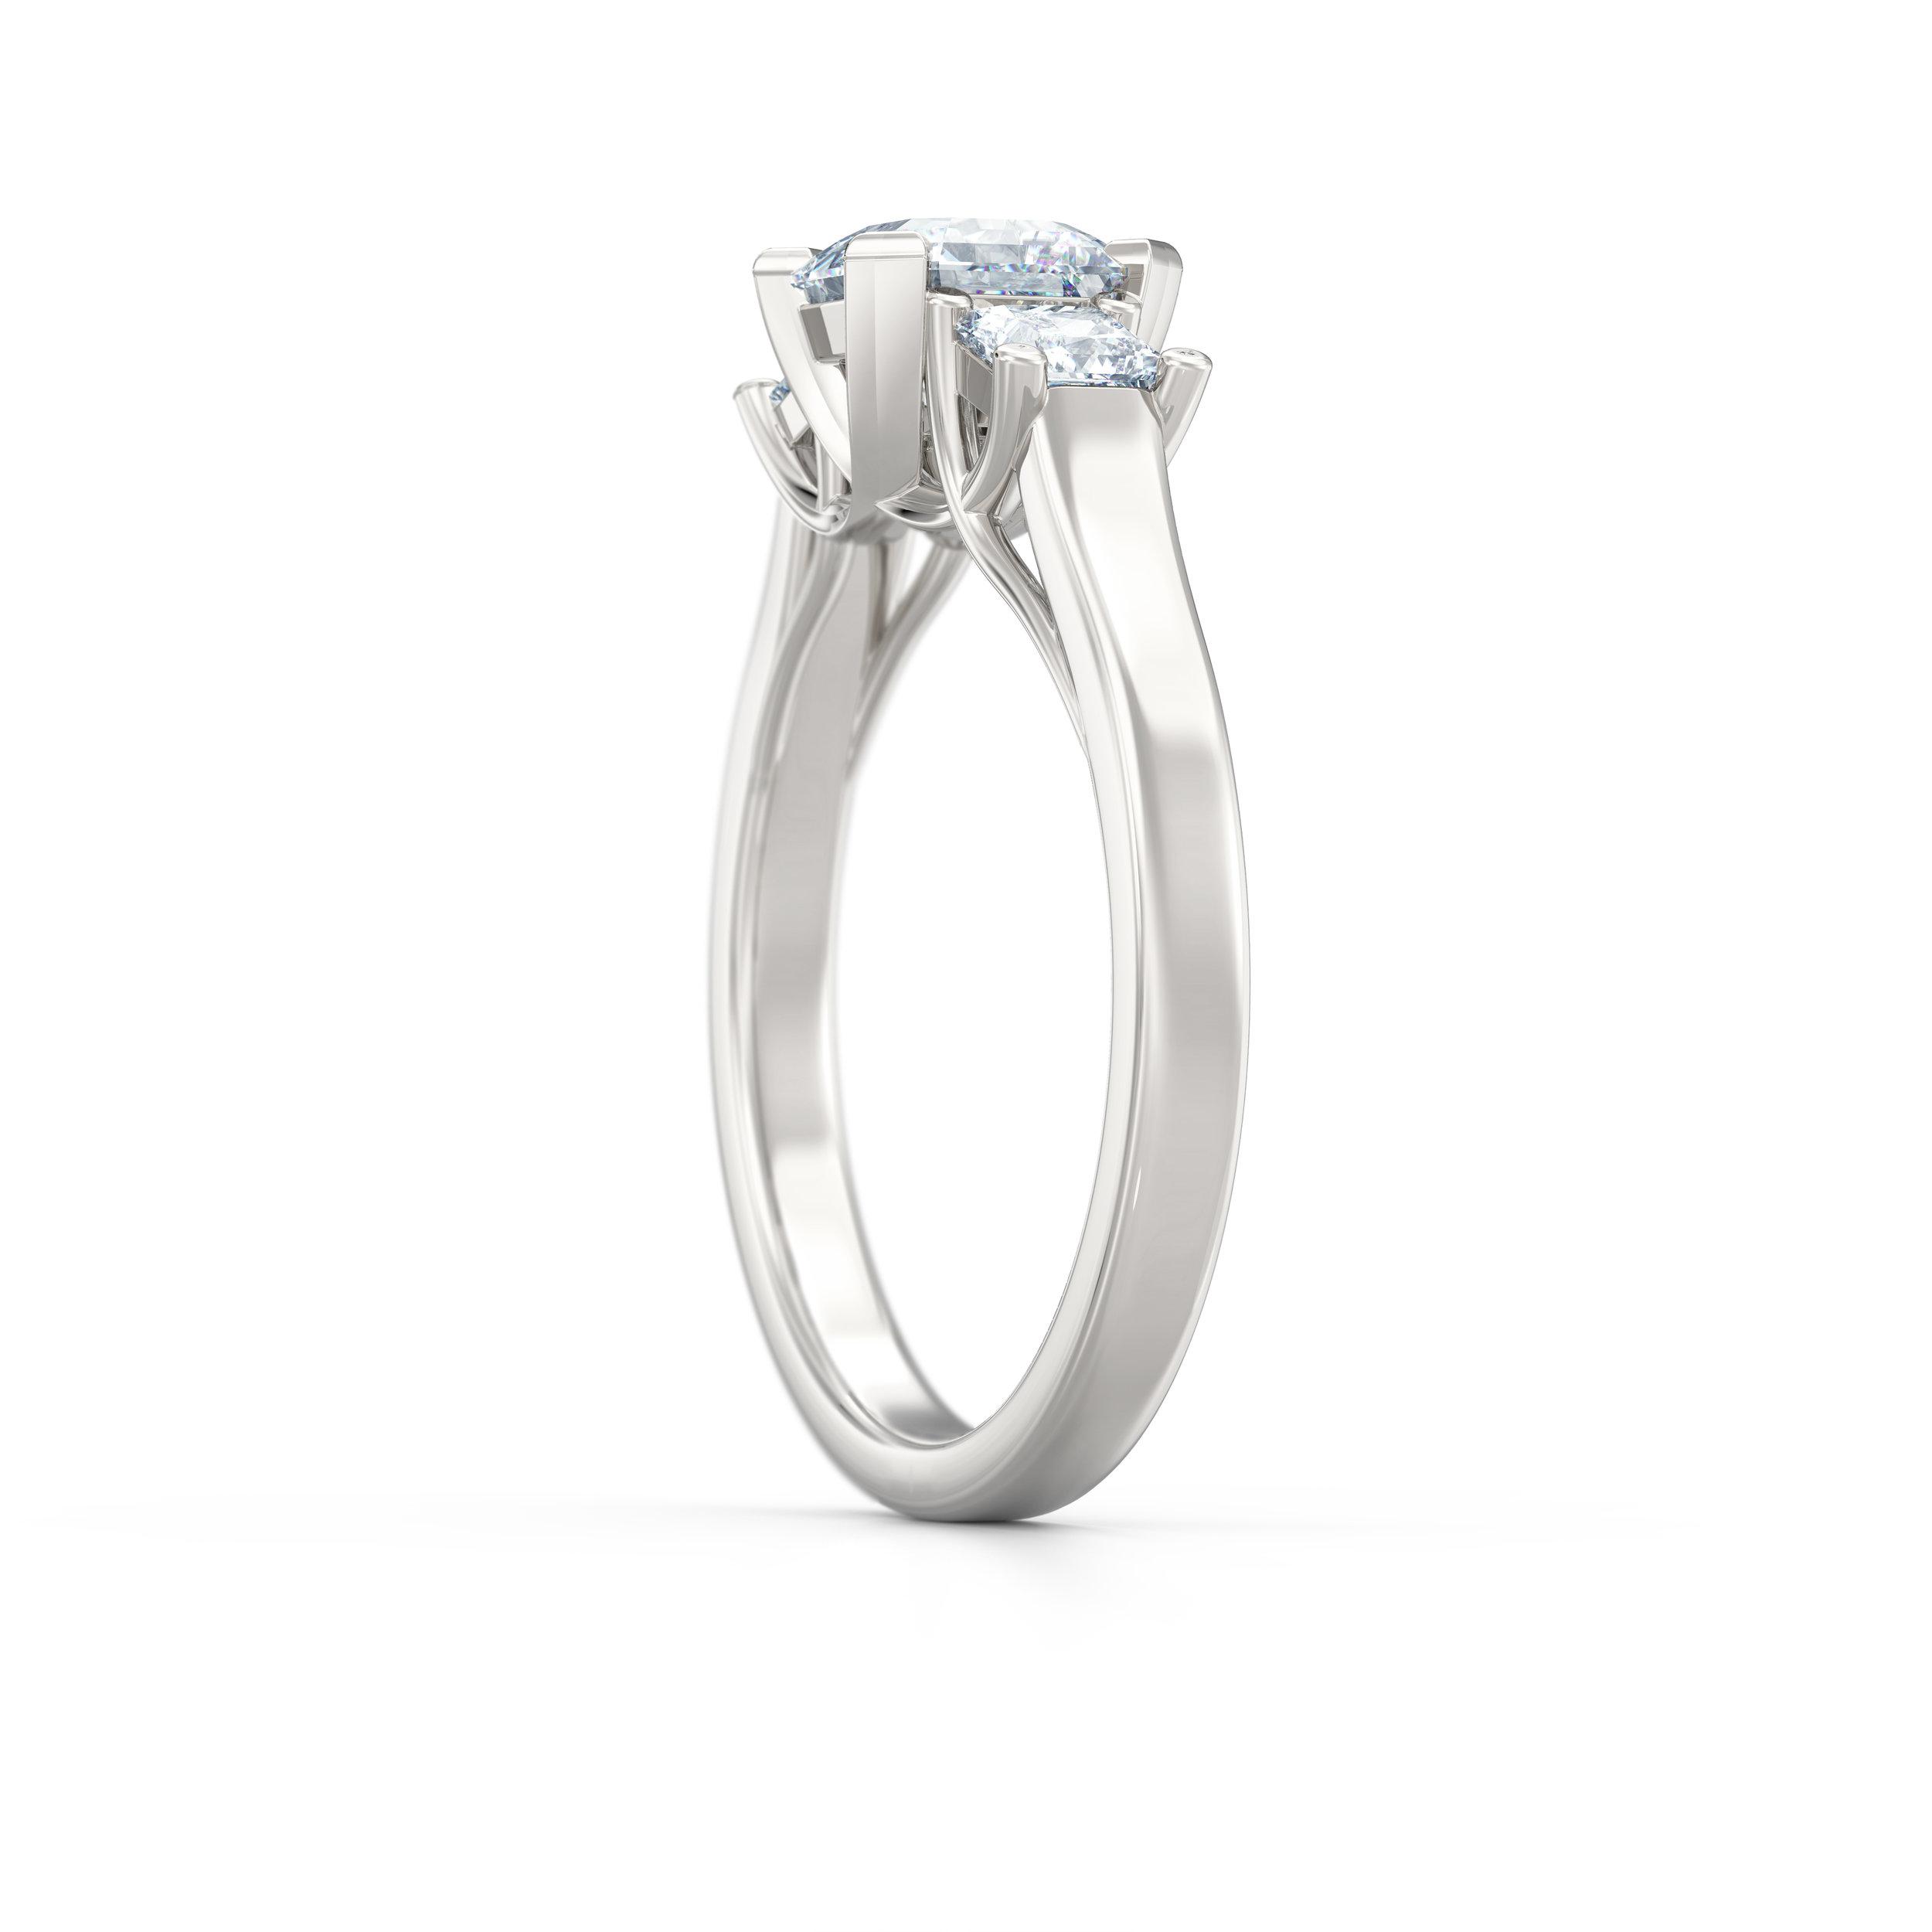 Asscher Cut Trilogy Engagement Rings | Hatton Garden Jewellers